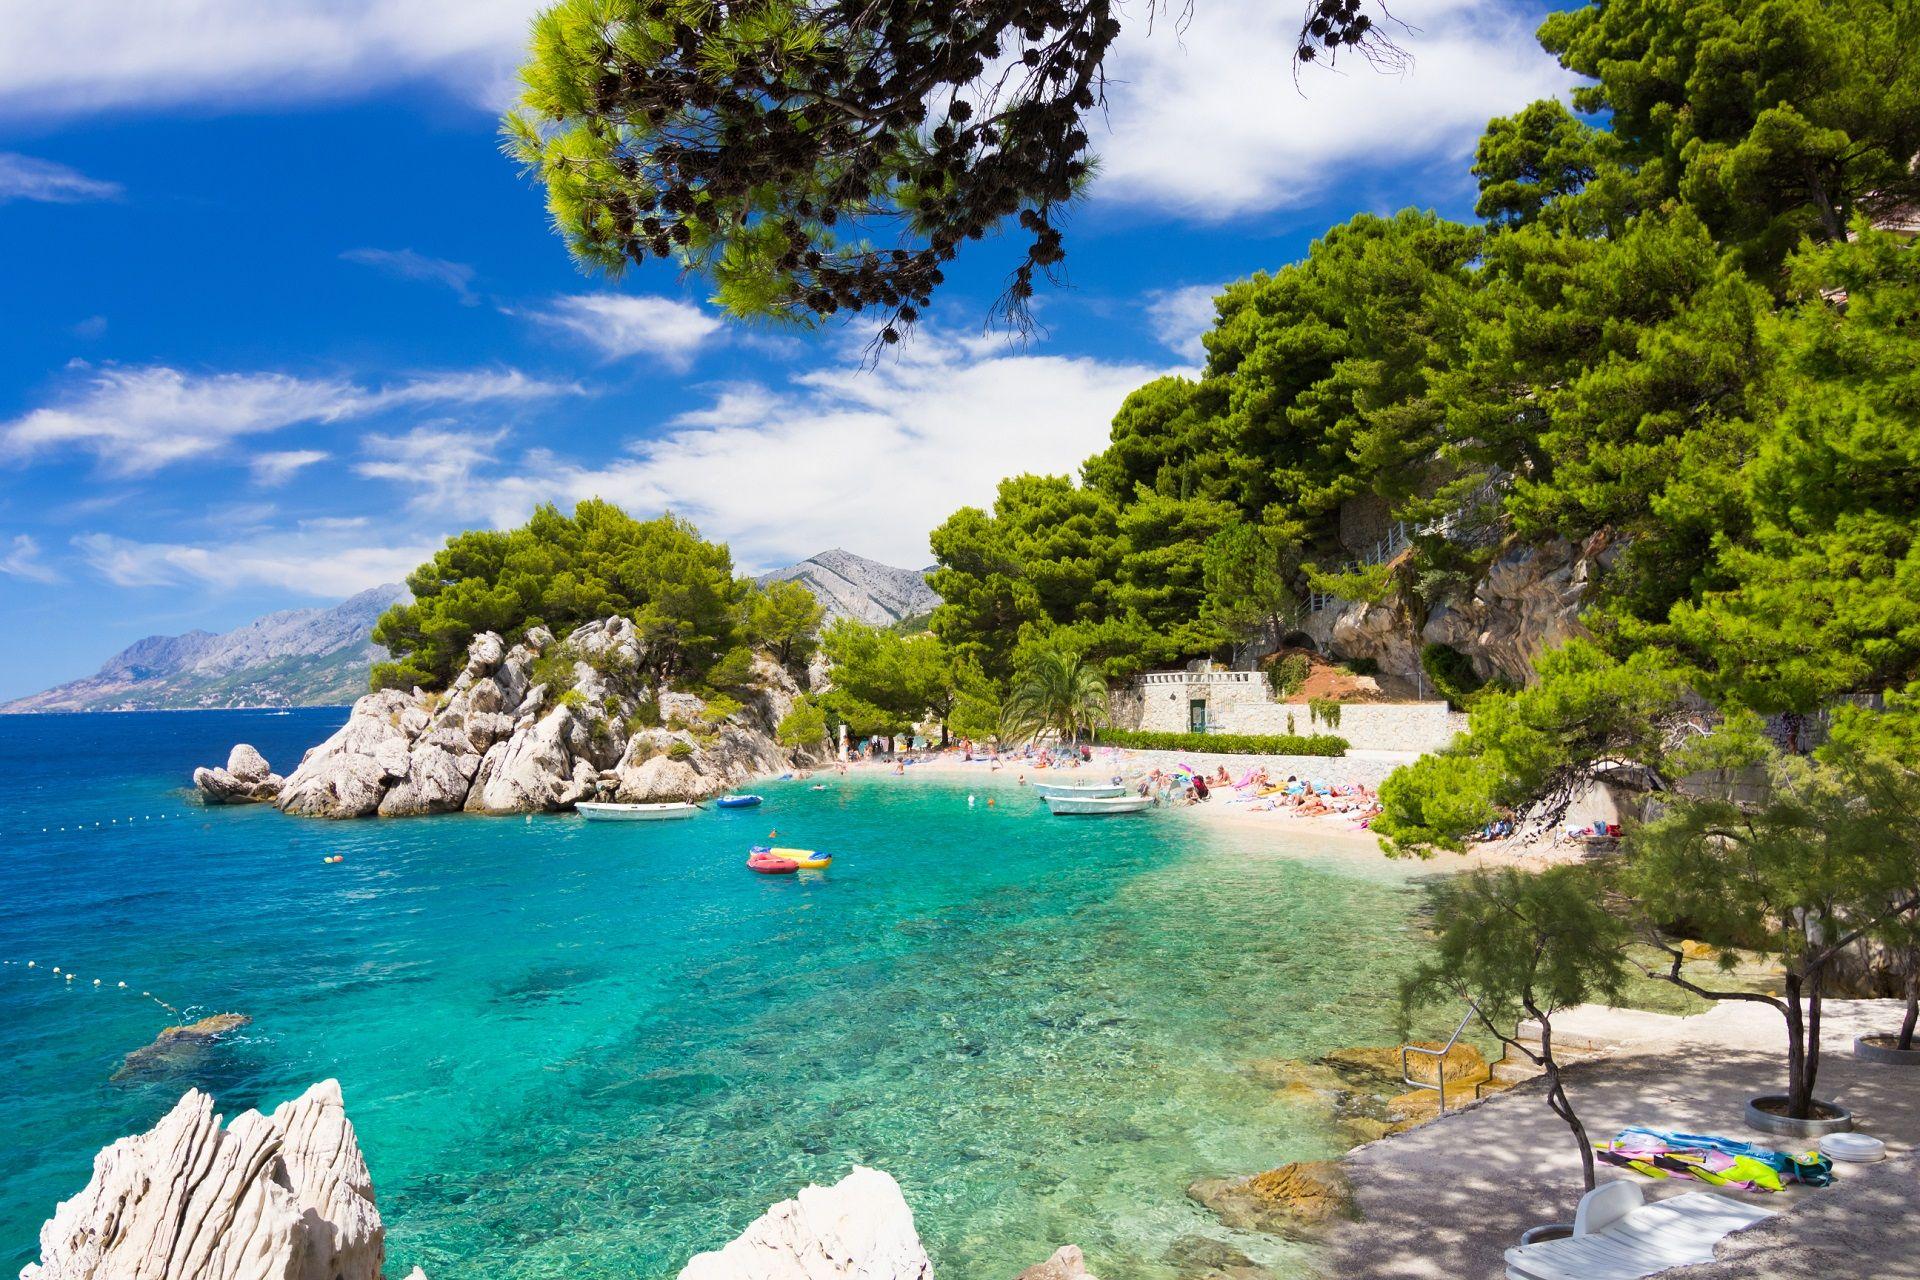 Strände in Kroatien ᐅ das sind die schönsten Urlaub